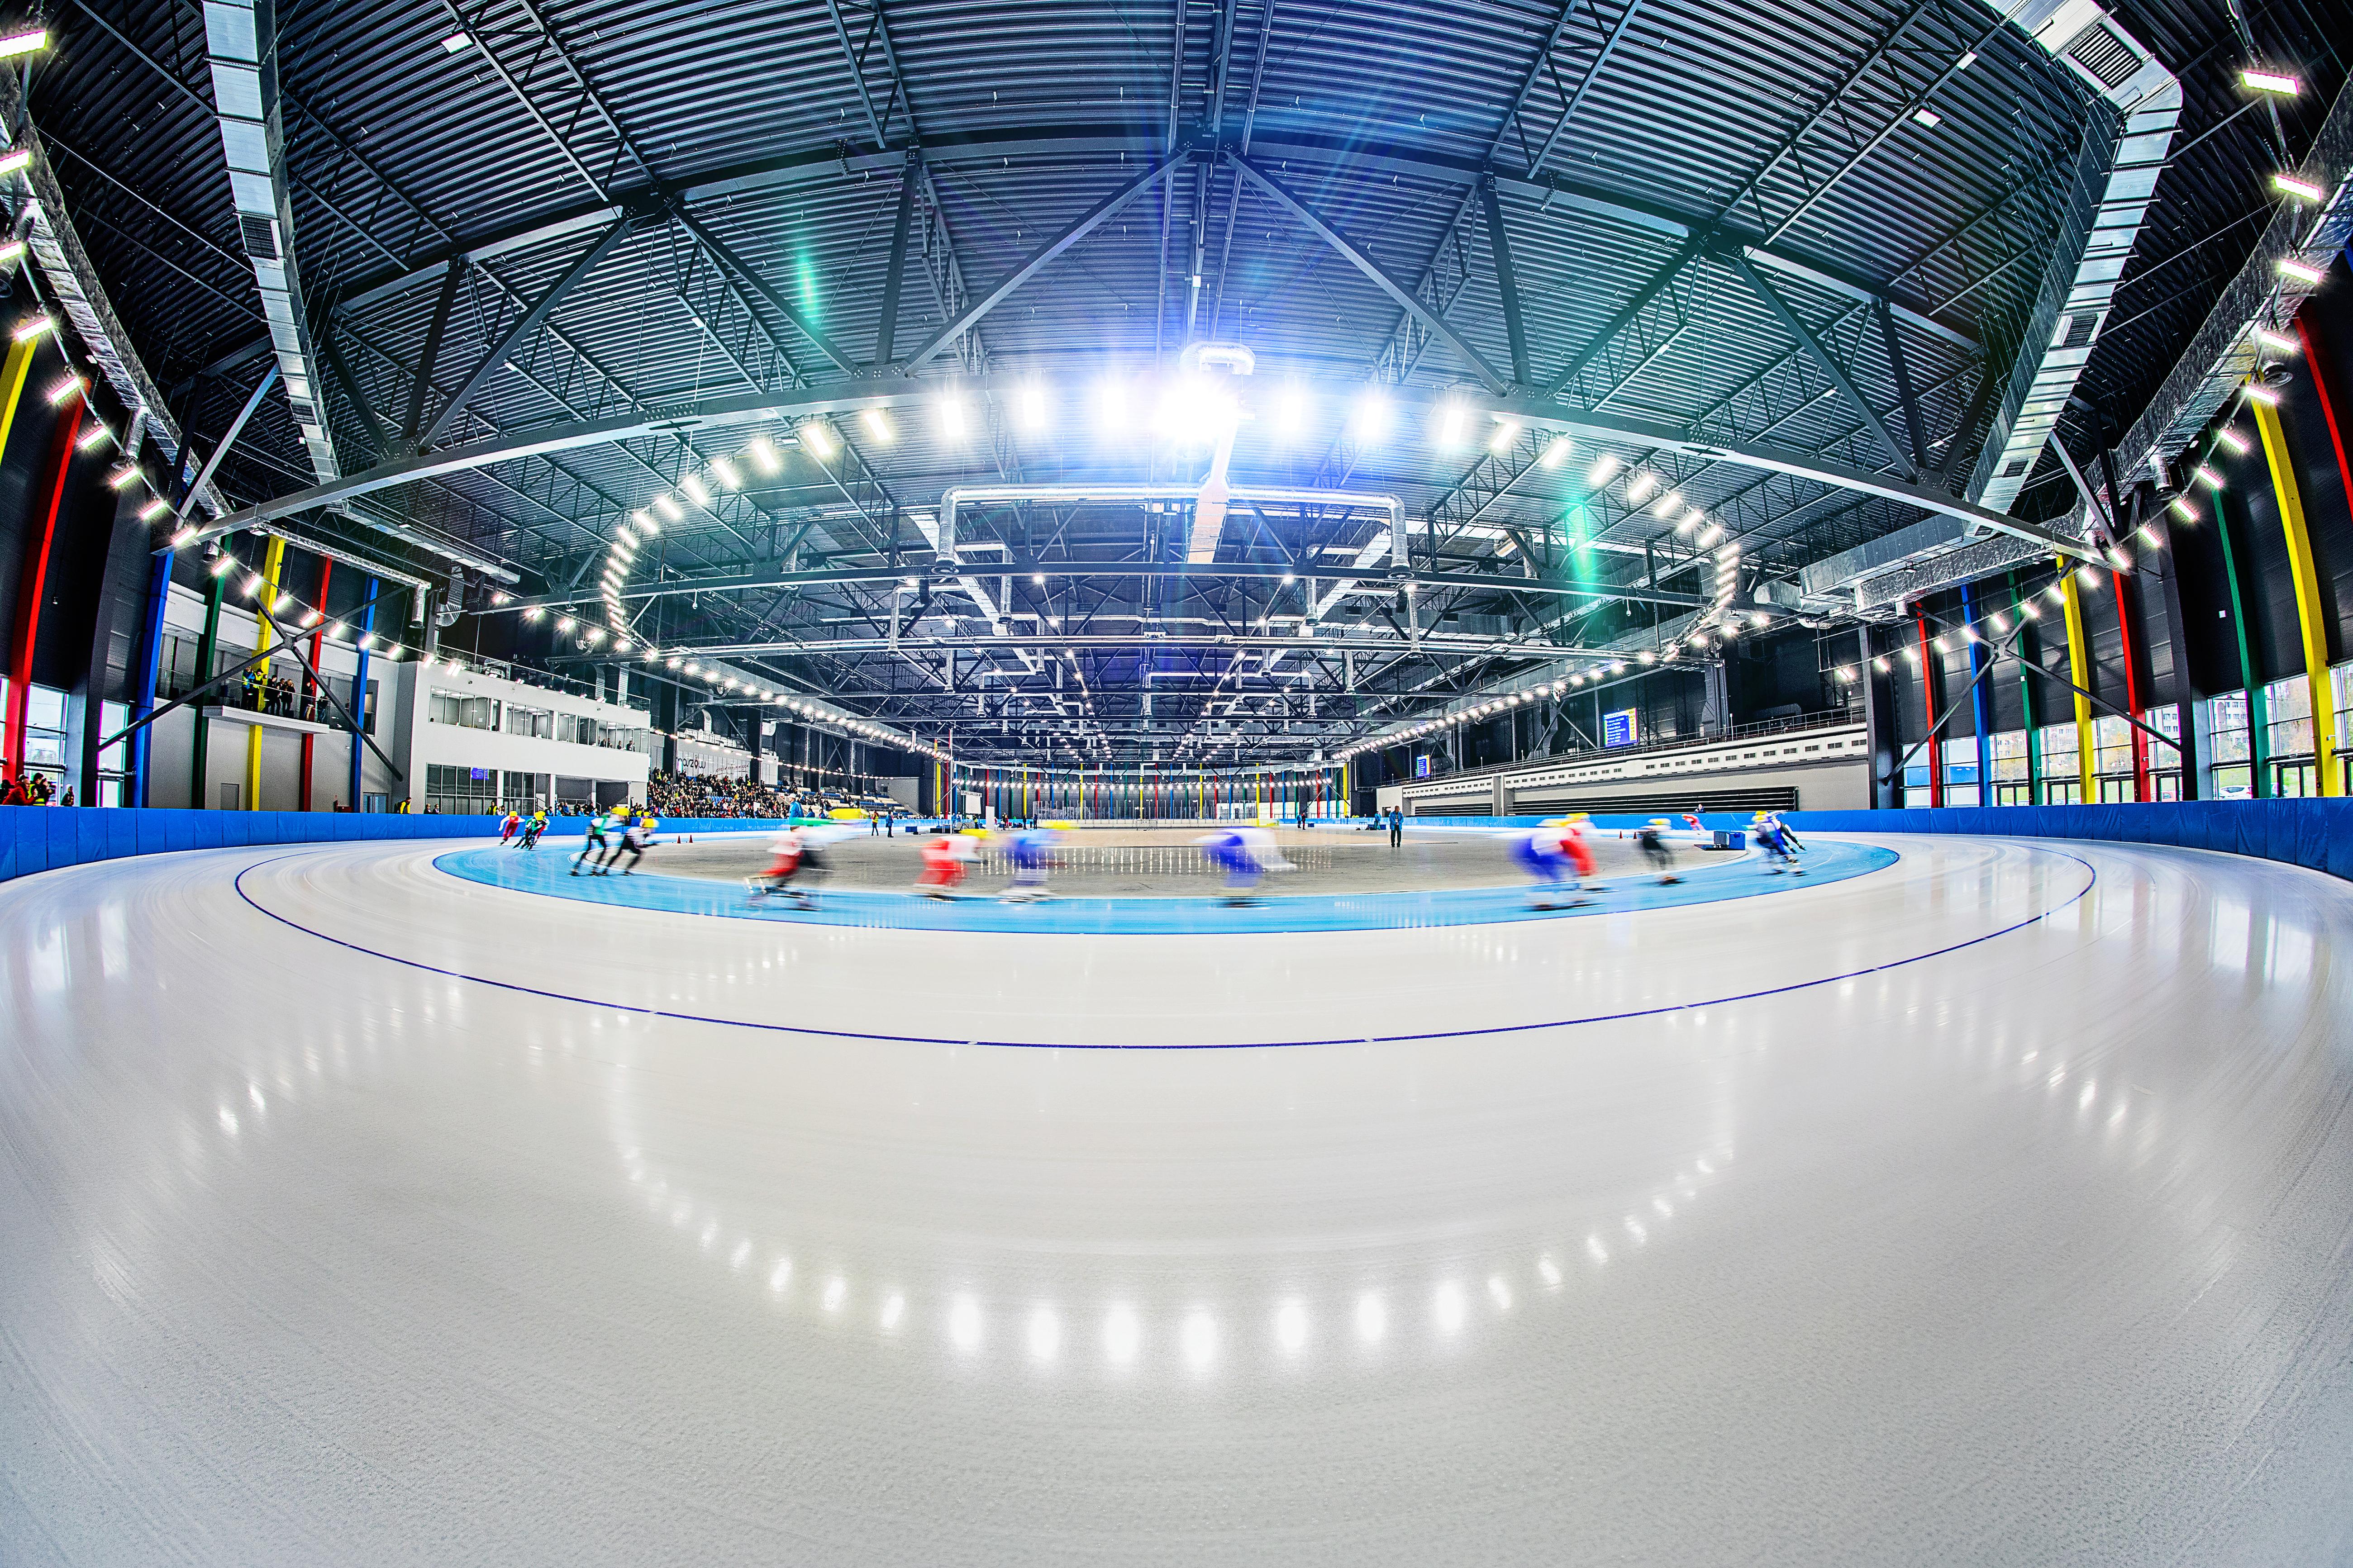 mistrzostwa świata juniorów w łyżwiarstwie szybkim 2020 nabór wolontariuszy